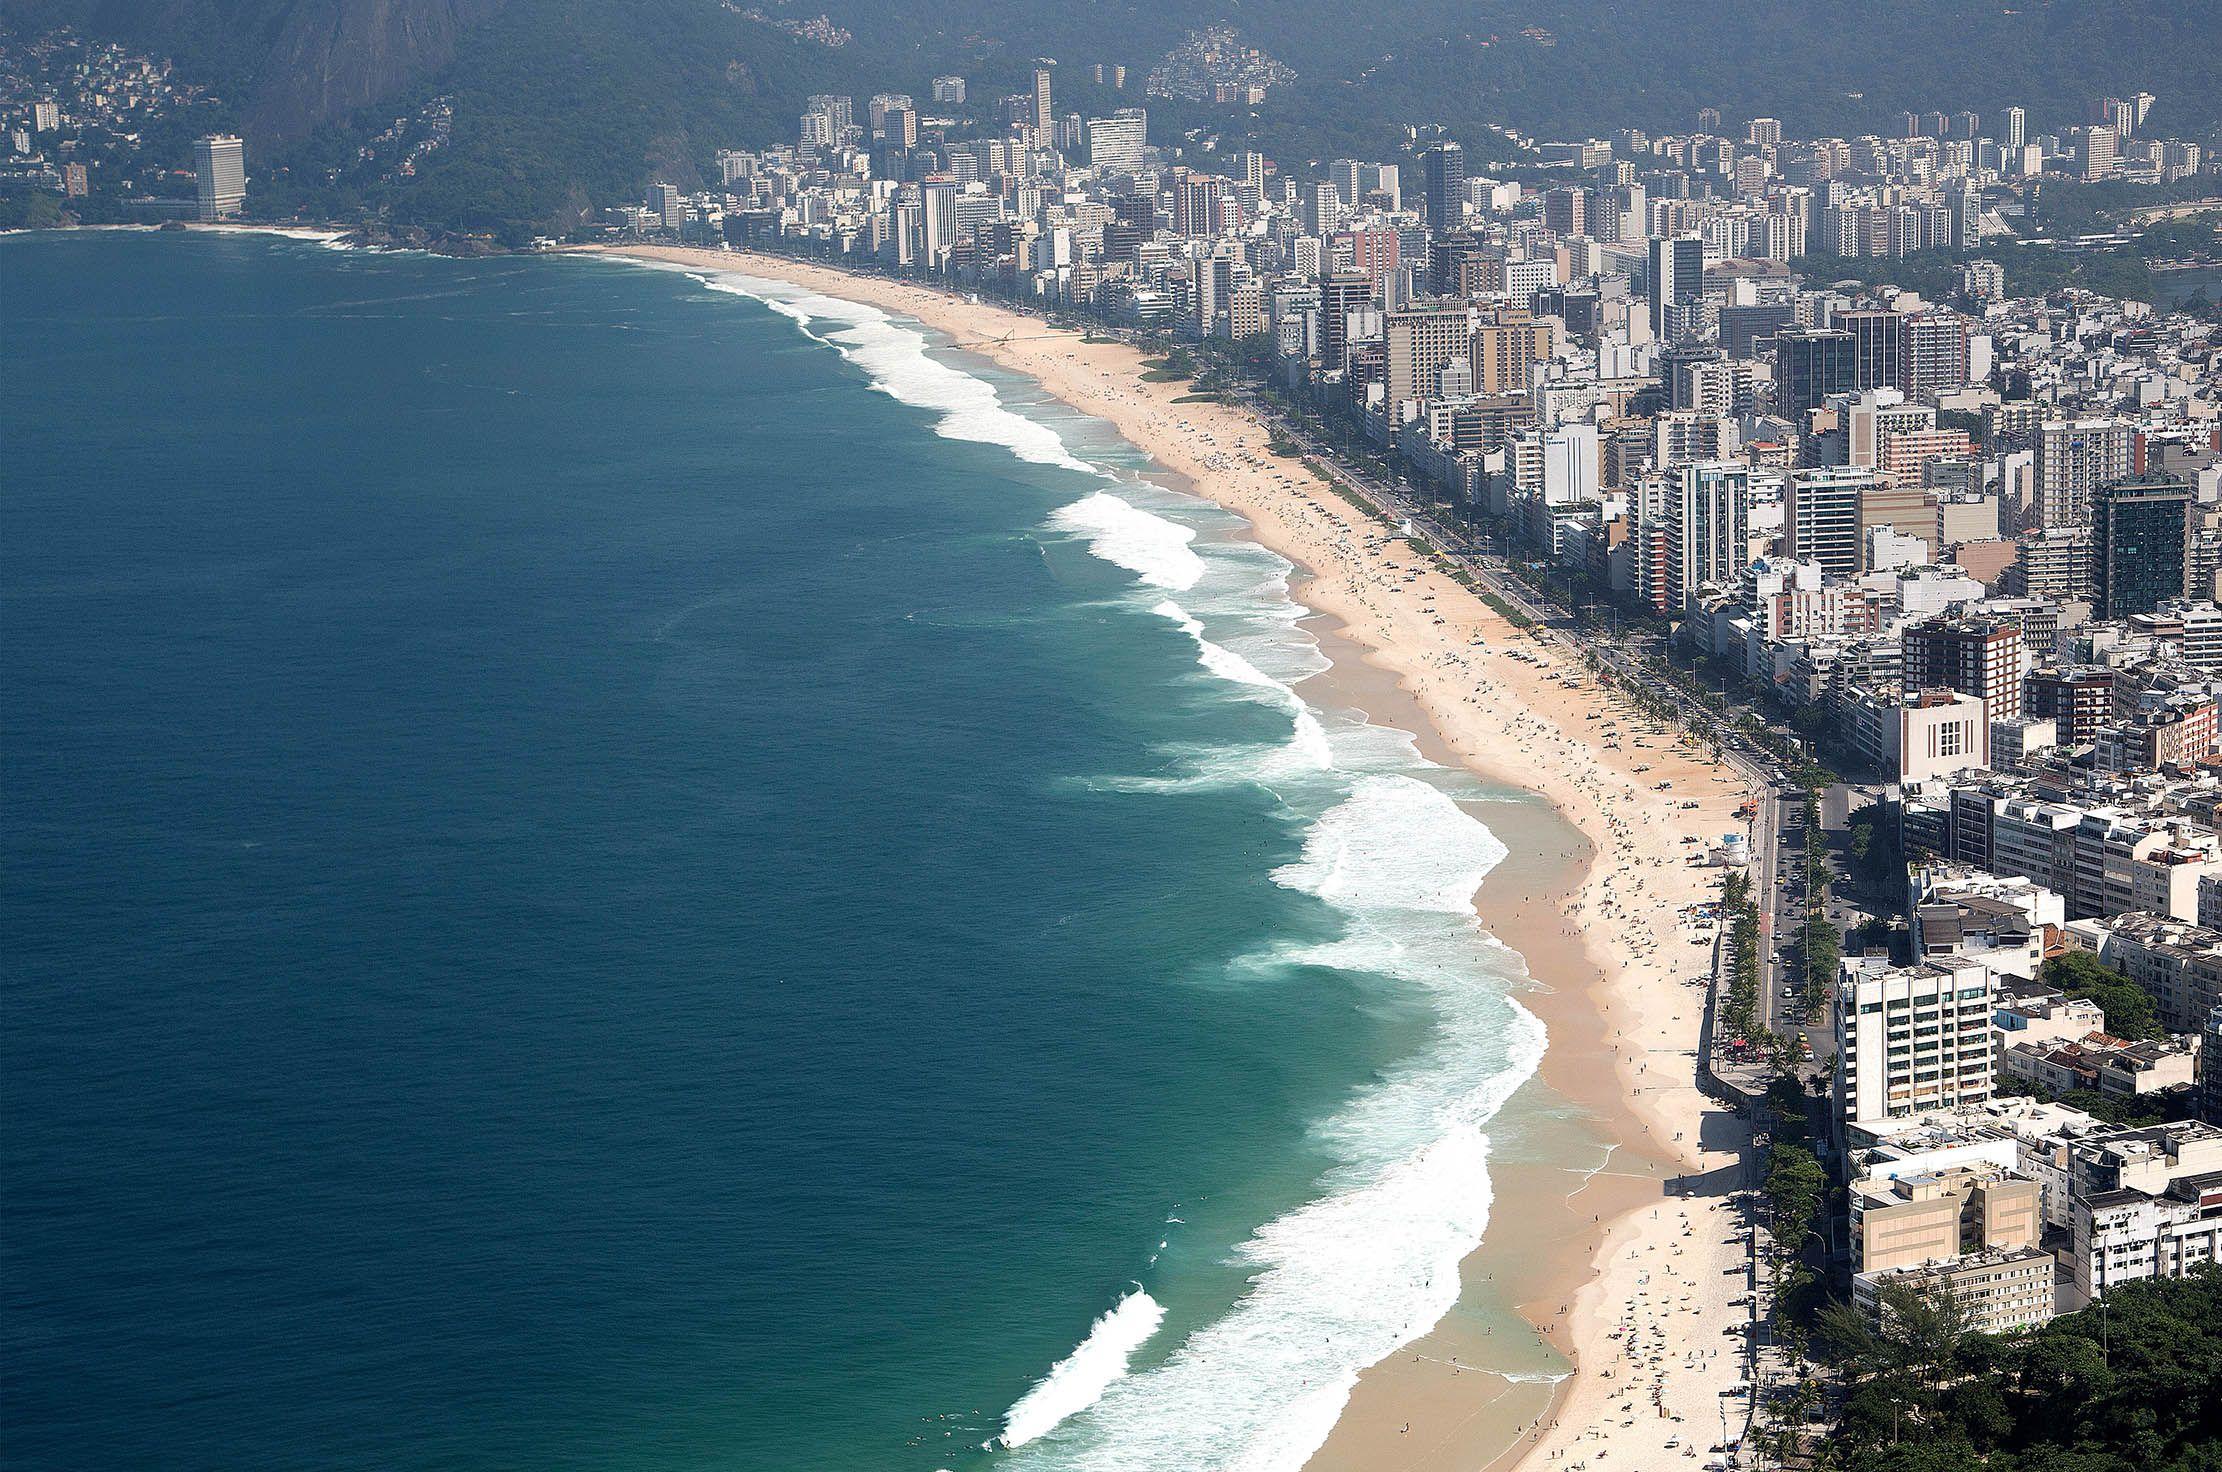 Vista aérea da Praia de Ipanema e do Leblon - Rio de Janeiro - Brasil -  Foto: Fernando Maia | Riotur | Rio Guia Ofi… | Leblon rio, Praia de  ipanema, Rio de janeiro